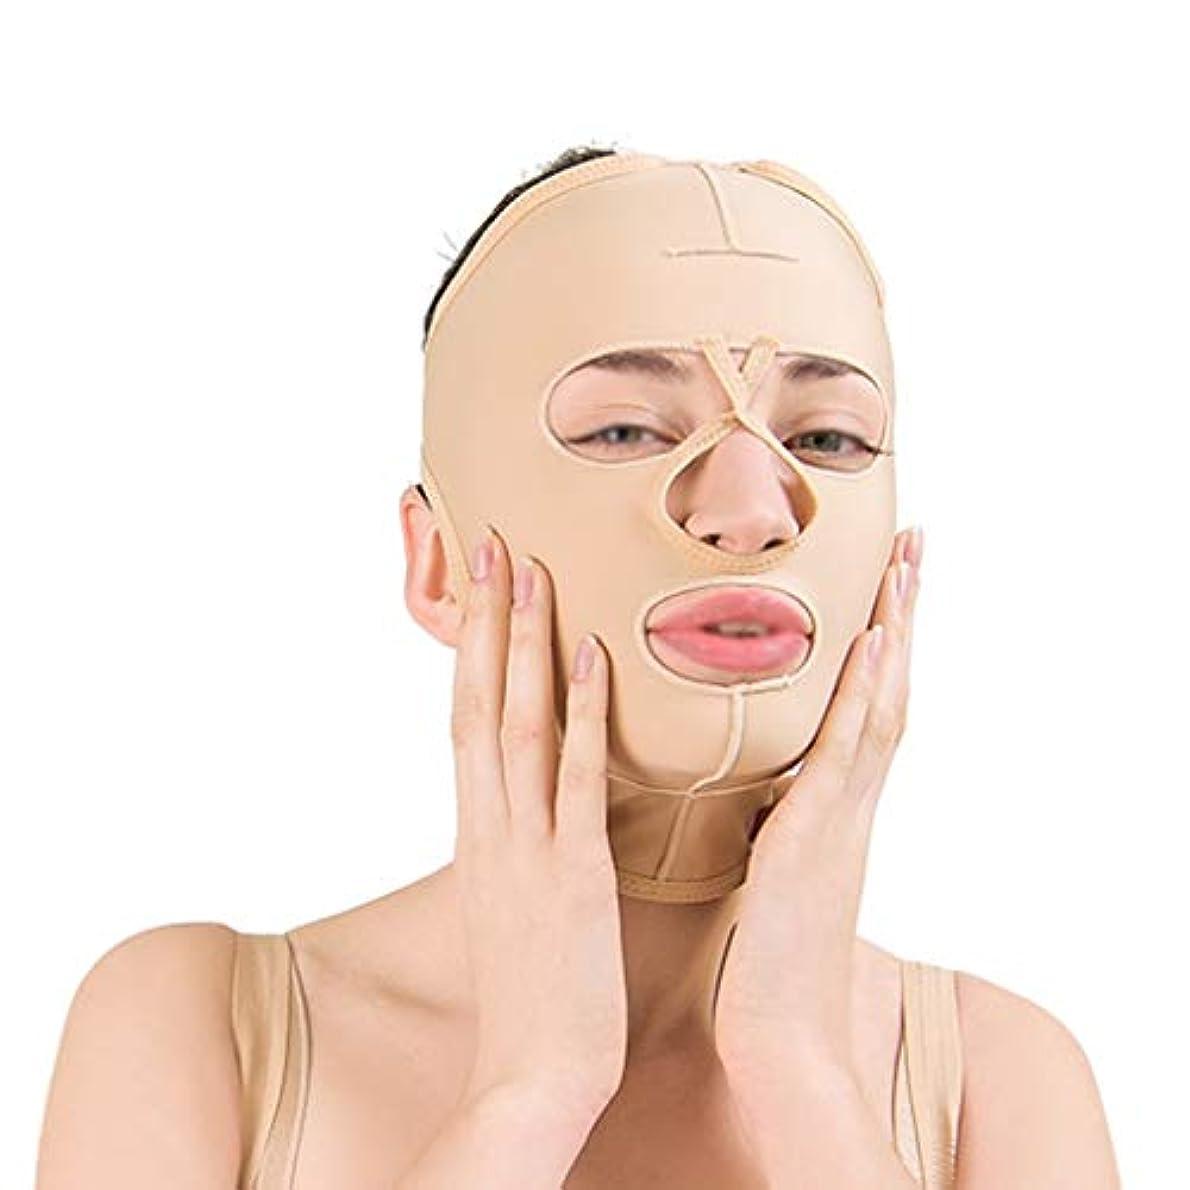 頬増幅マリンフェイススリミングマスク、フェイスバンデージ付きフェイシャル減量マスク、通気性フェイスリフト、引き締め、フェイスリフティング (Size : S)